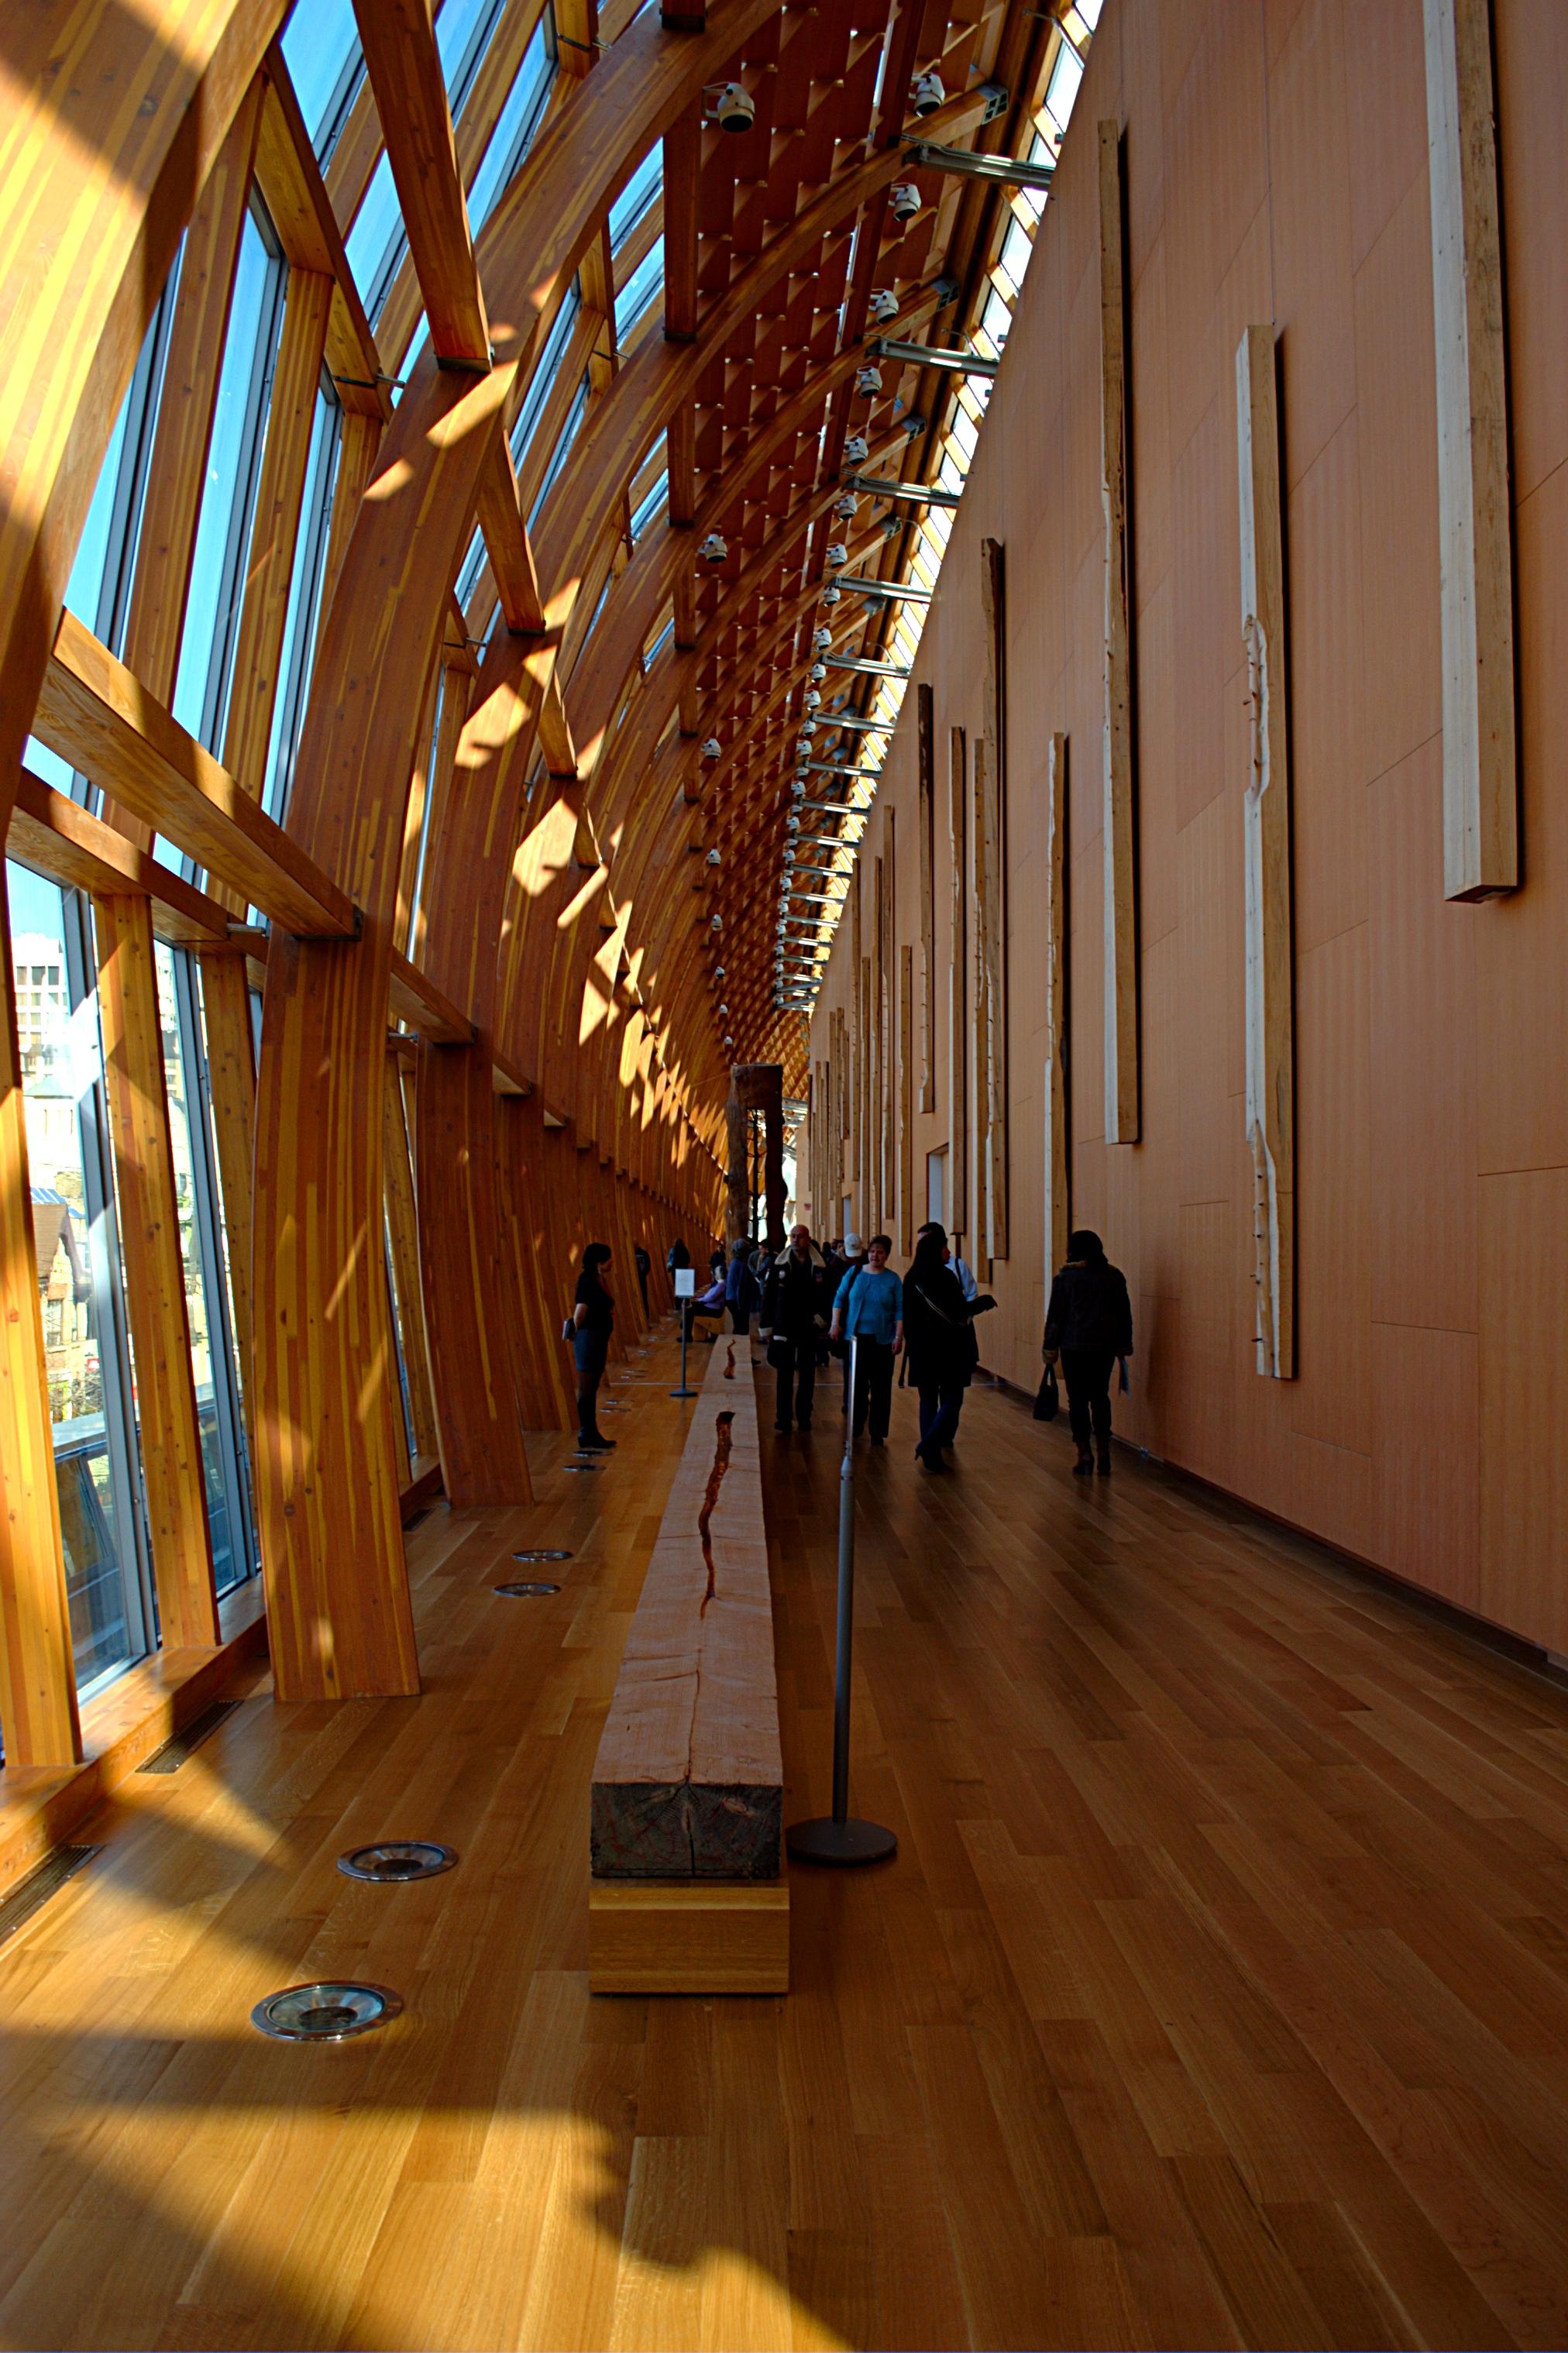 Galleria Italia (image from Wikipedia)